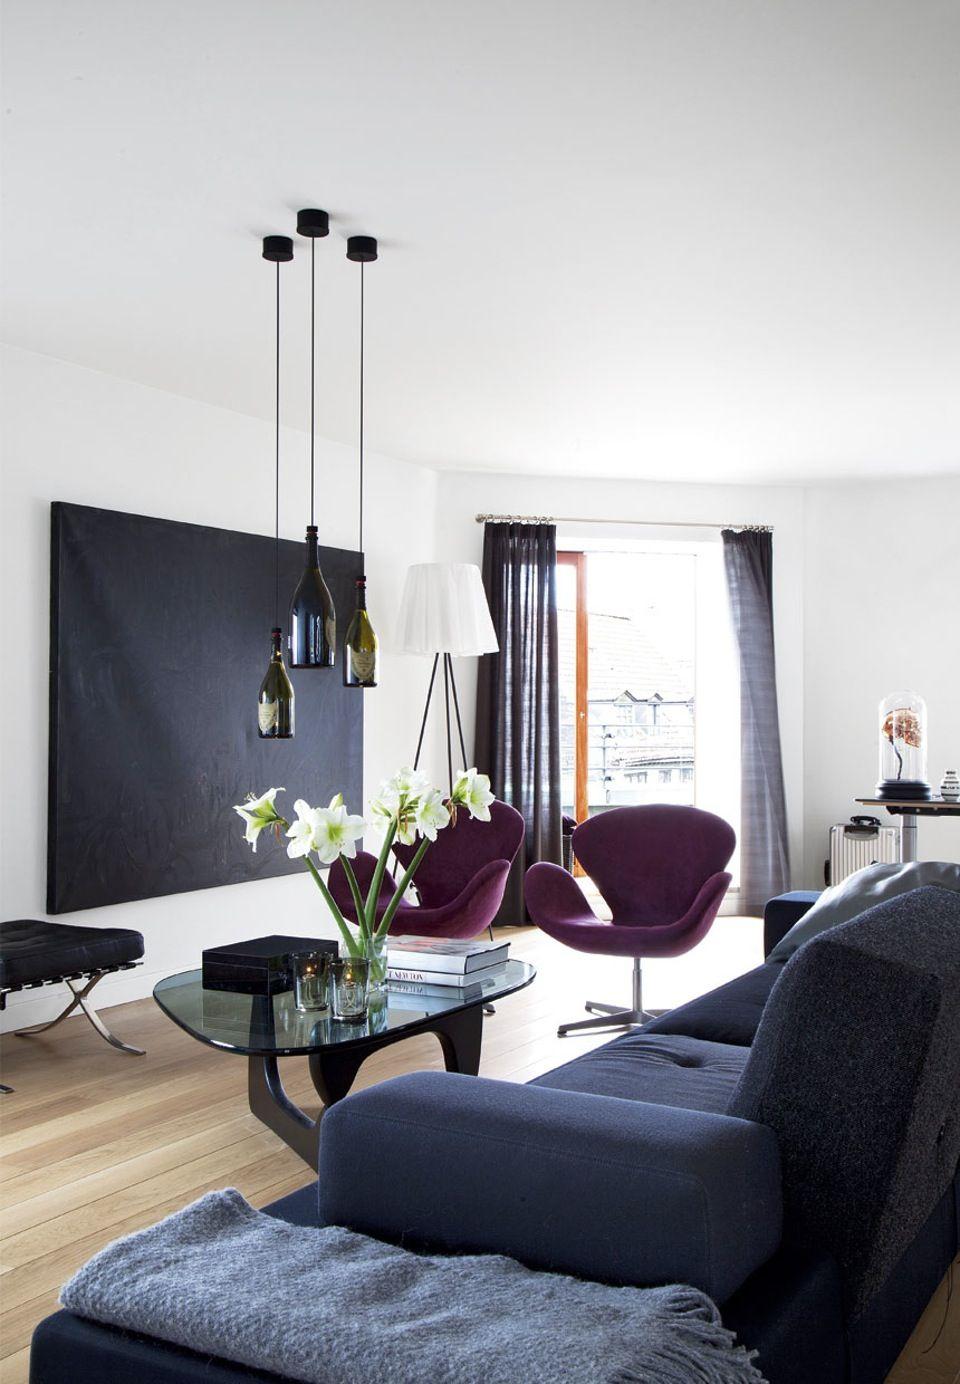 Frederik Baggers herskabslejlighed i Kbenhavn Bobedredk LIVING